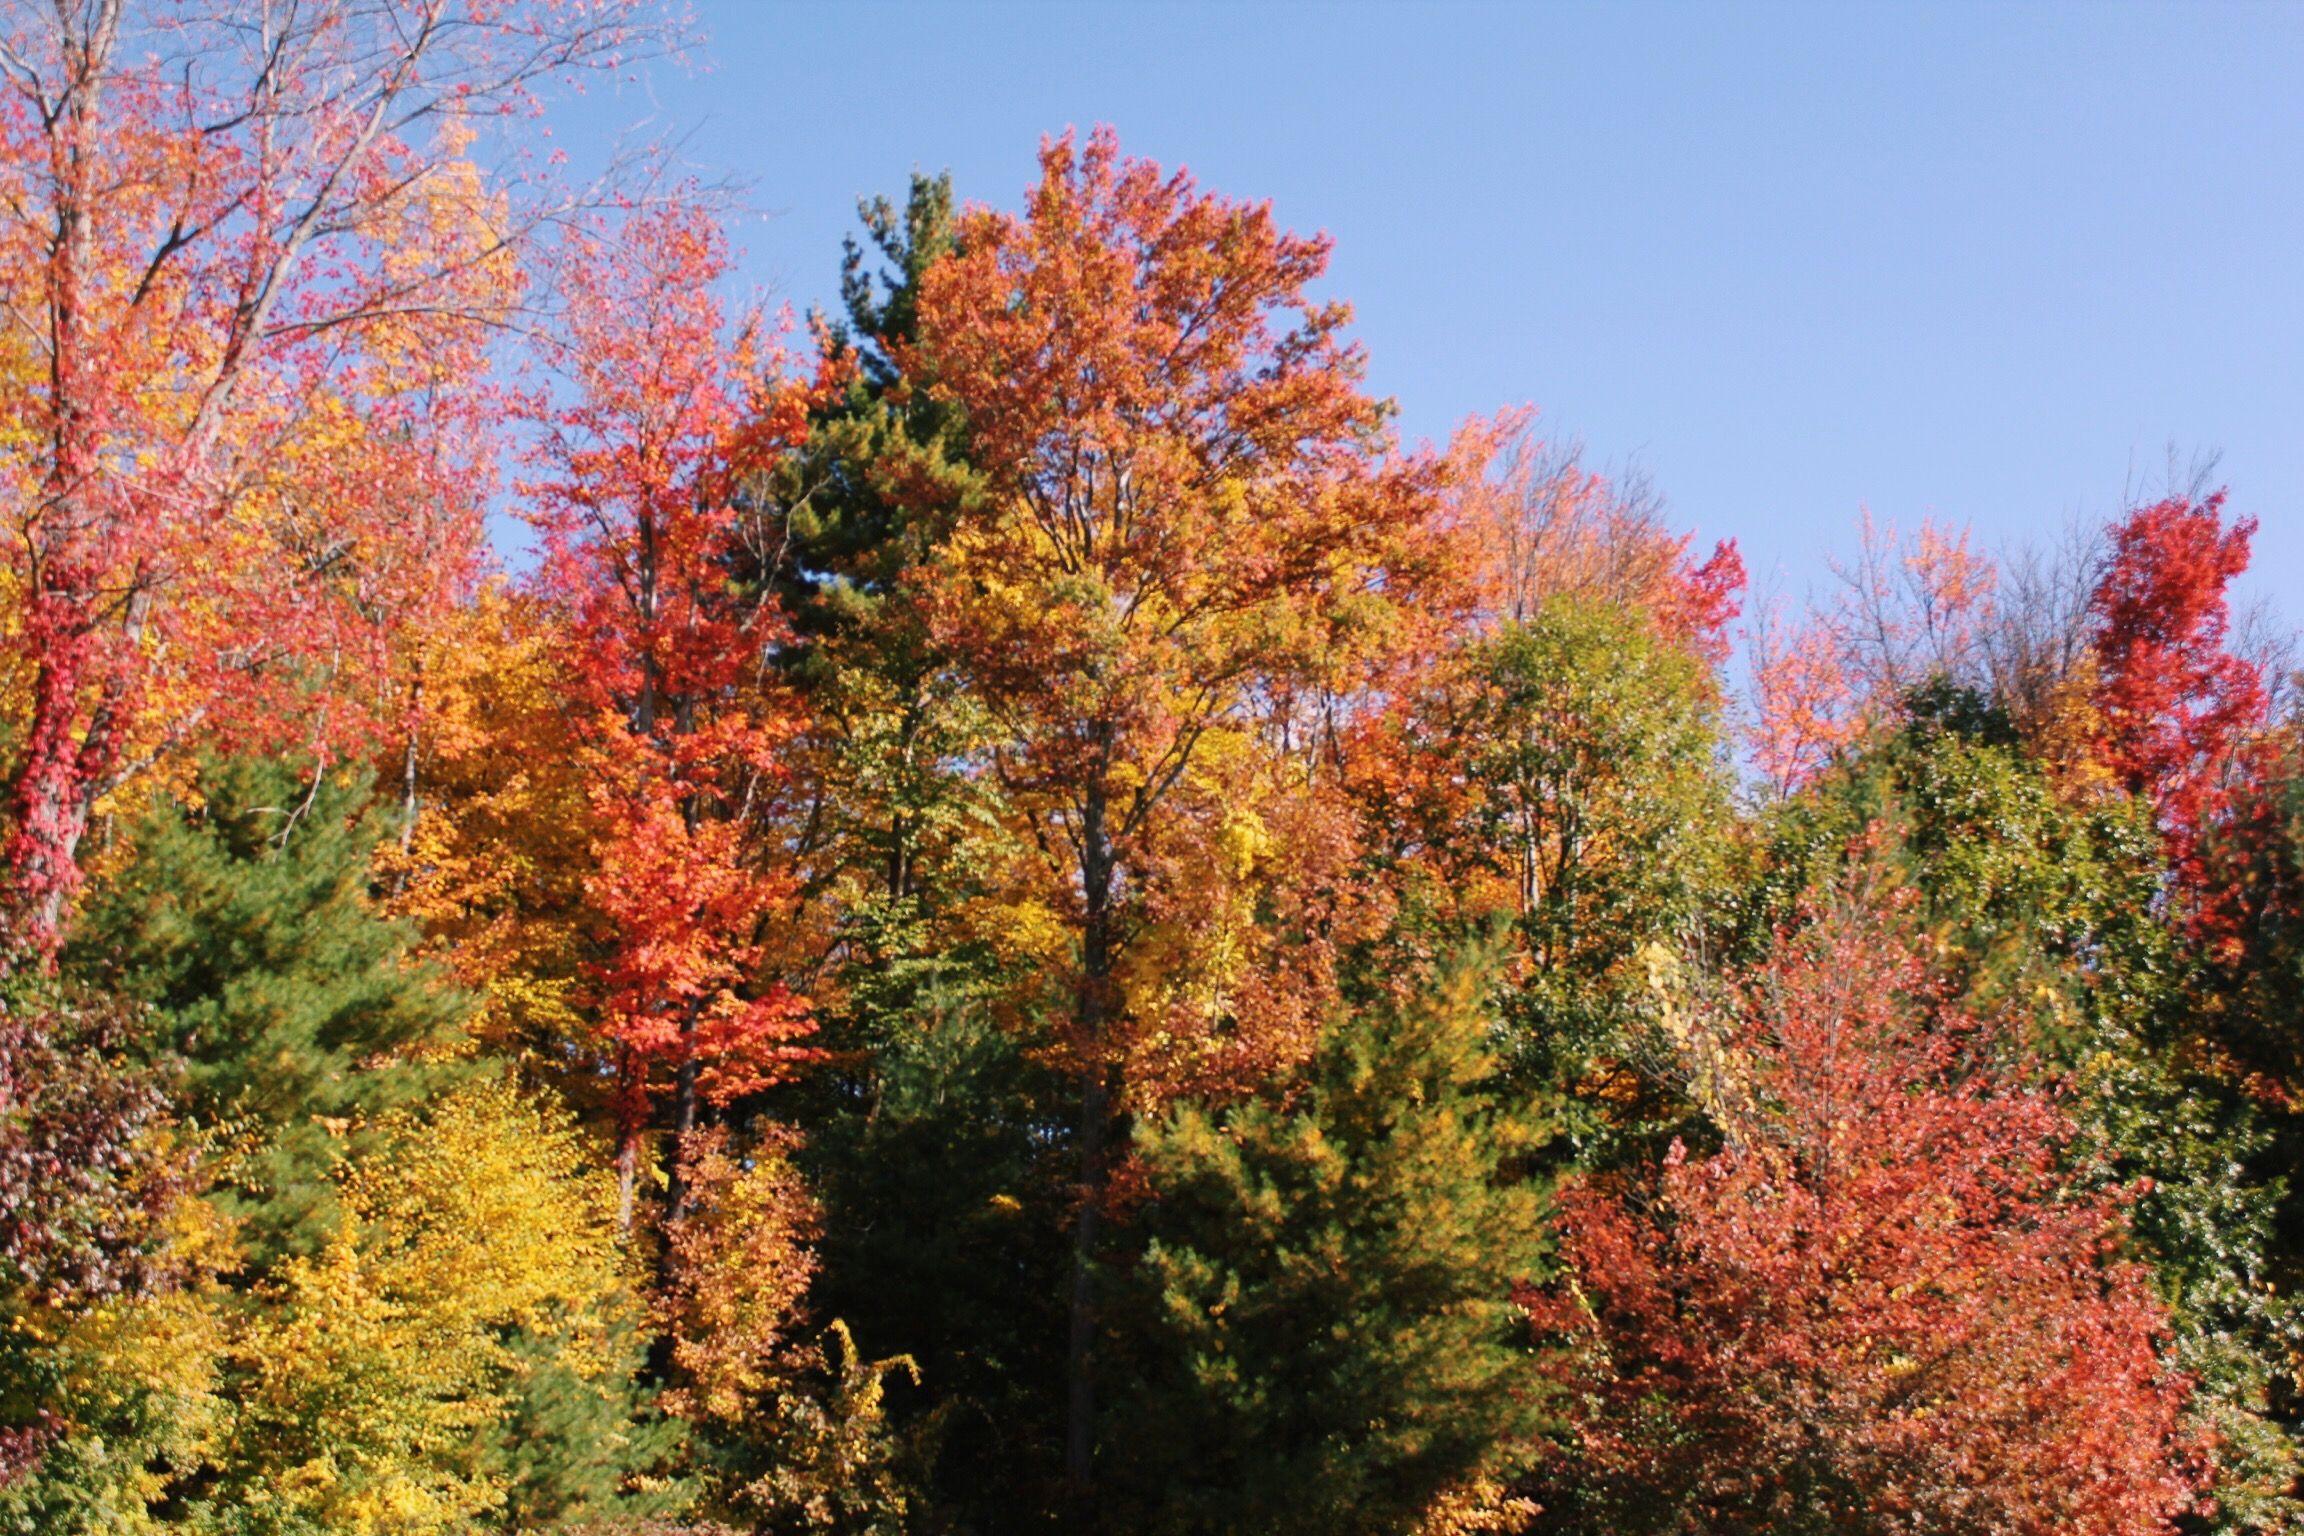 fall foliage, albany ny #hellozephyr www.hellozephyr.com